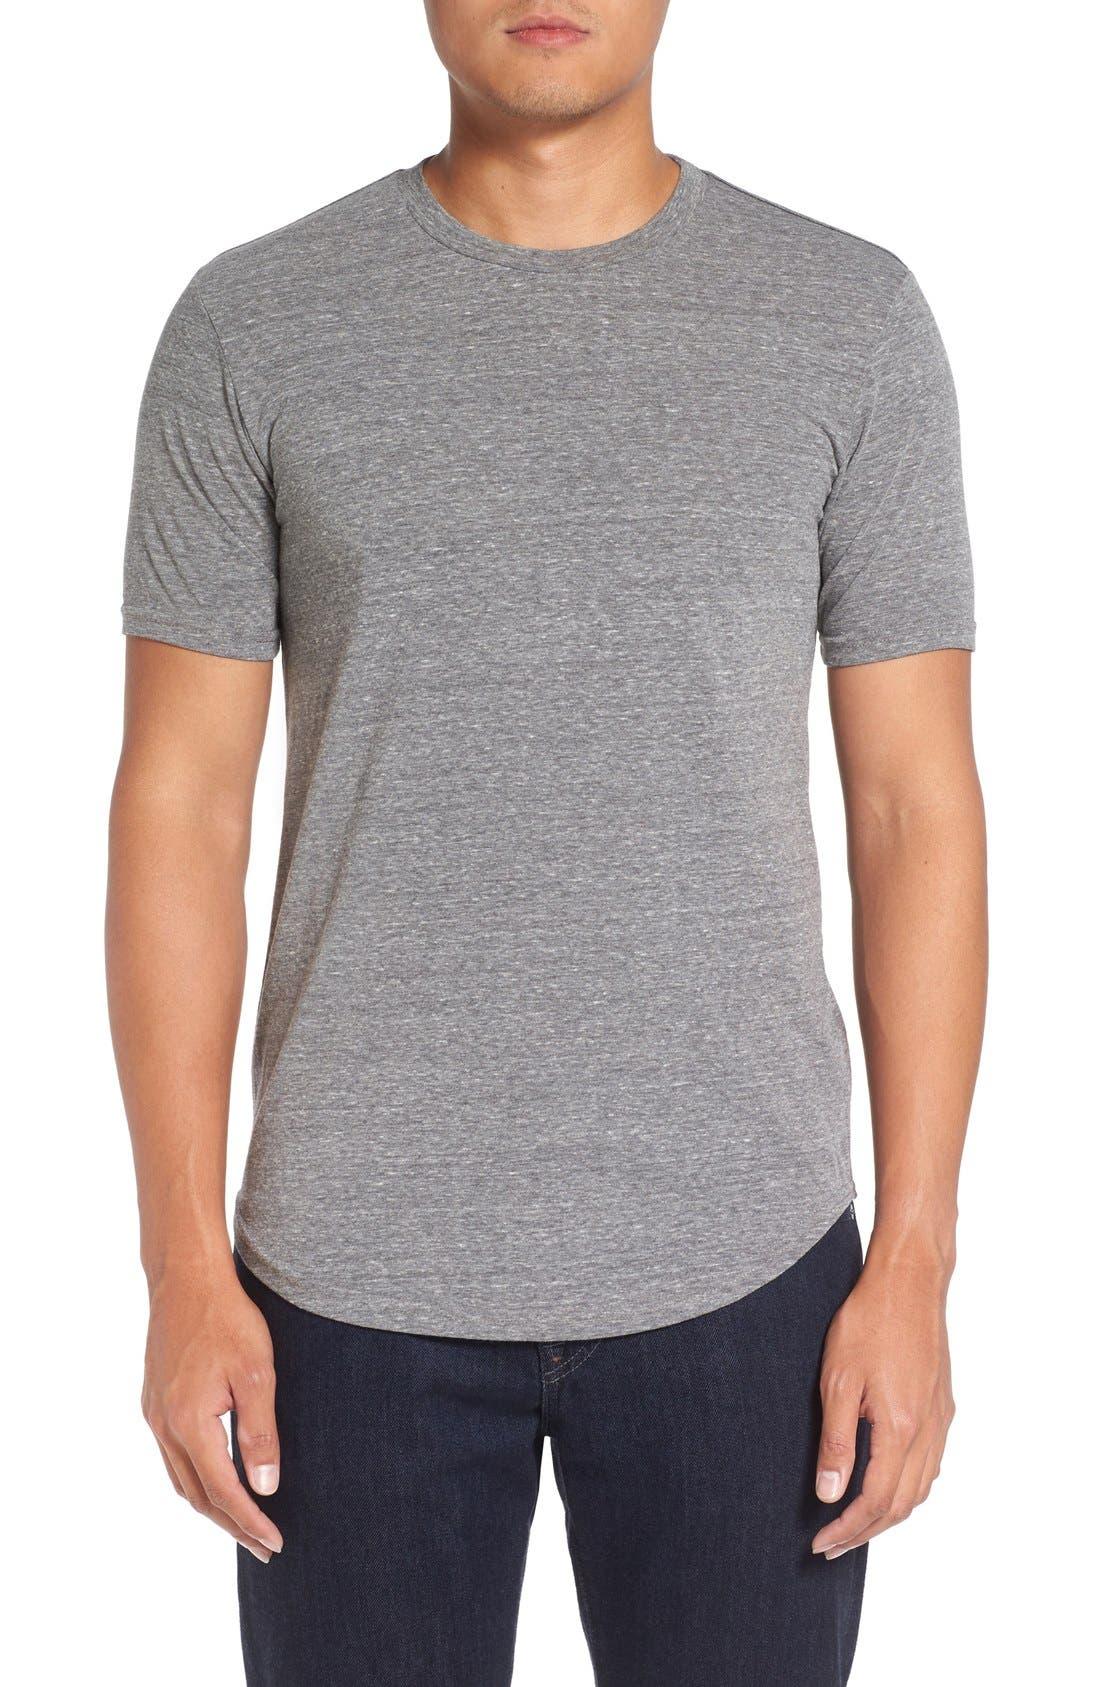 Main Image - Goodlife Curved Hem Crewneck T-Shirt